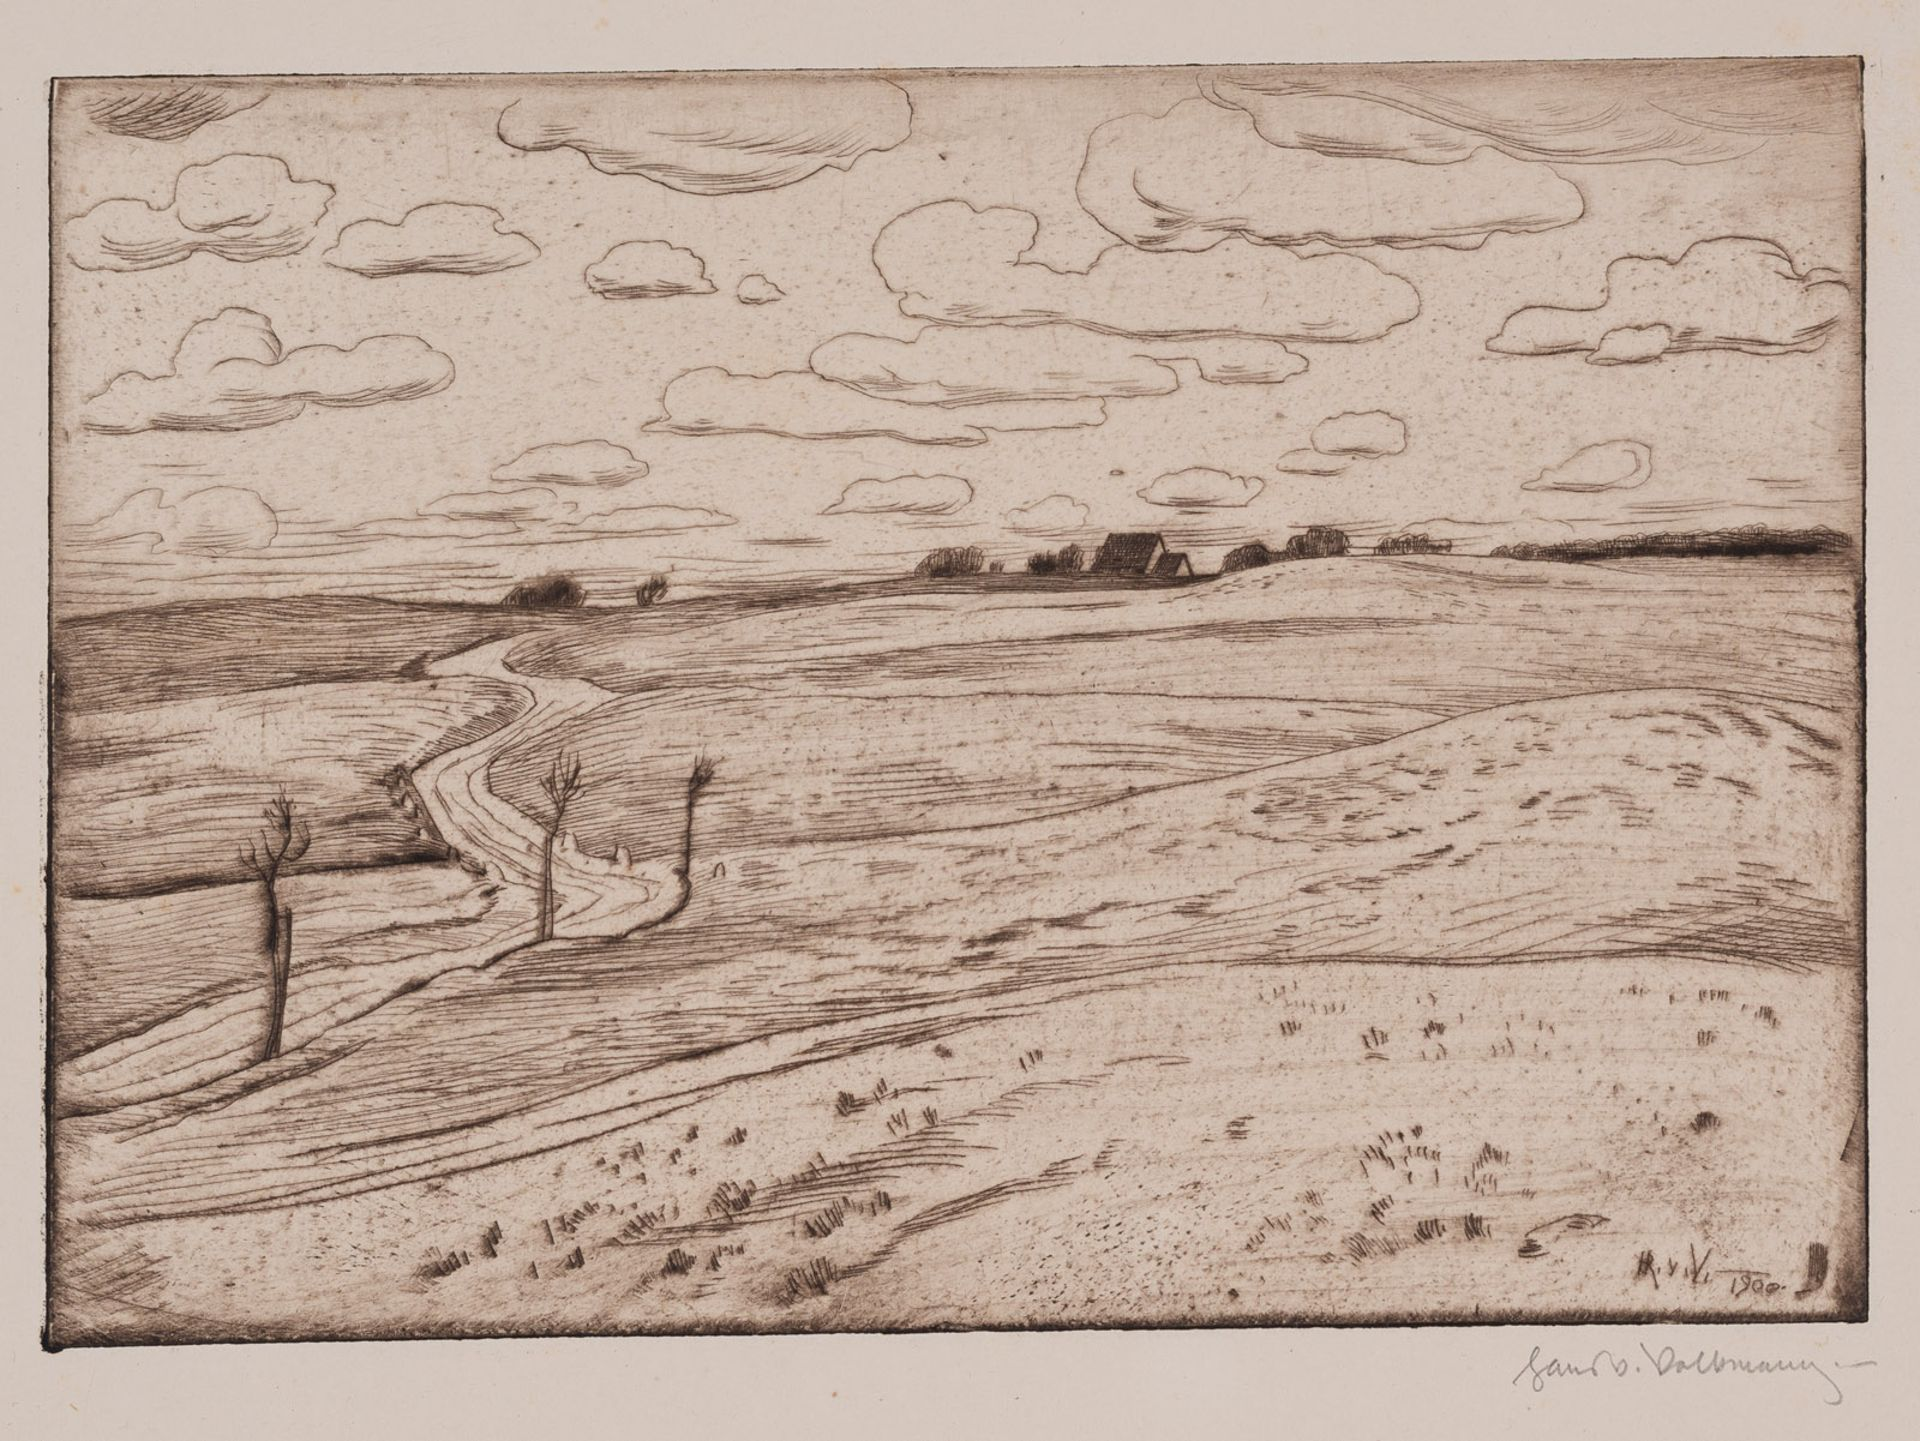 Volkmann, Hans Richard von - Image 2 of 10